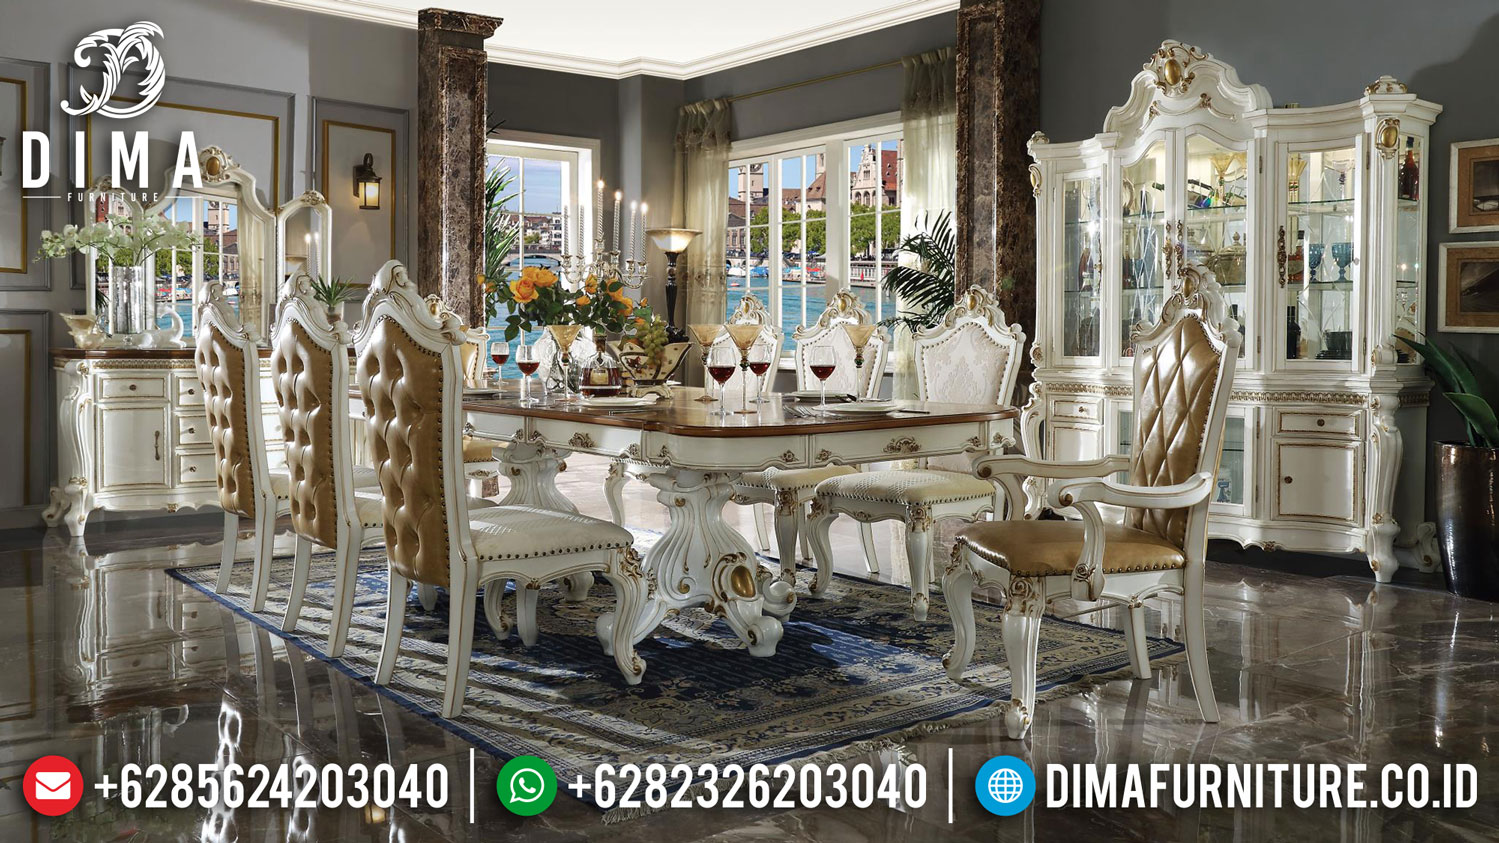 Harga Meja Makan Mewah Jepara Luxury Carving Empire Design Majestic DF-1408